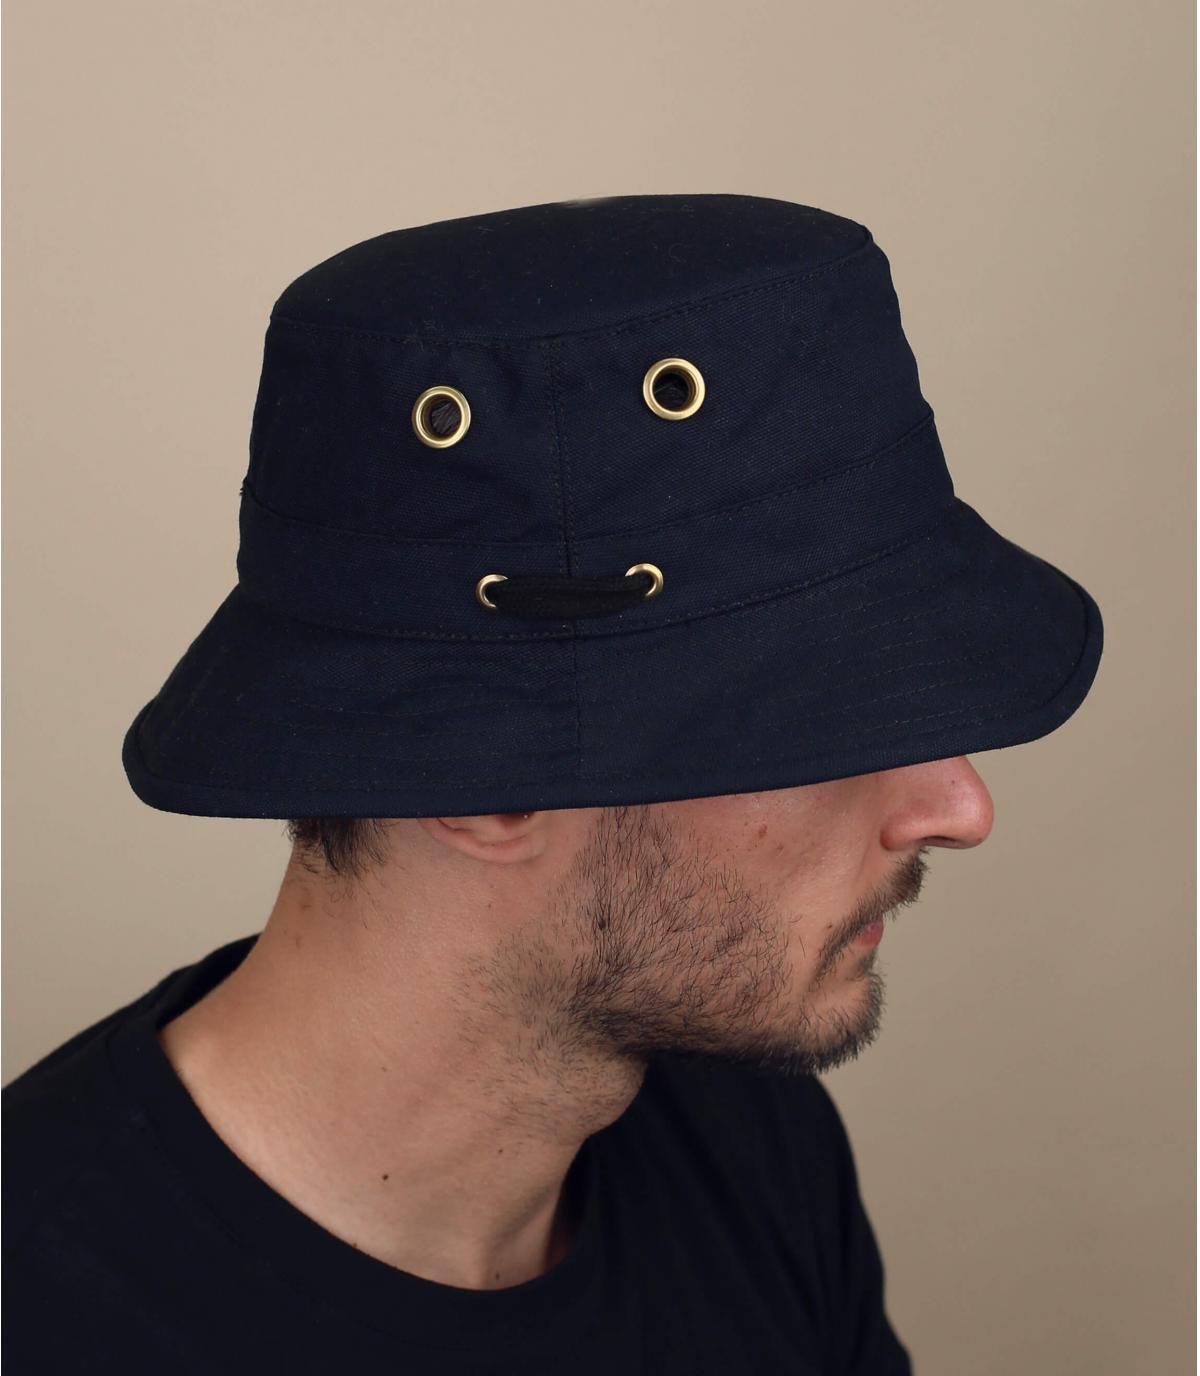 Black TilleyT1 bucket hat